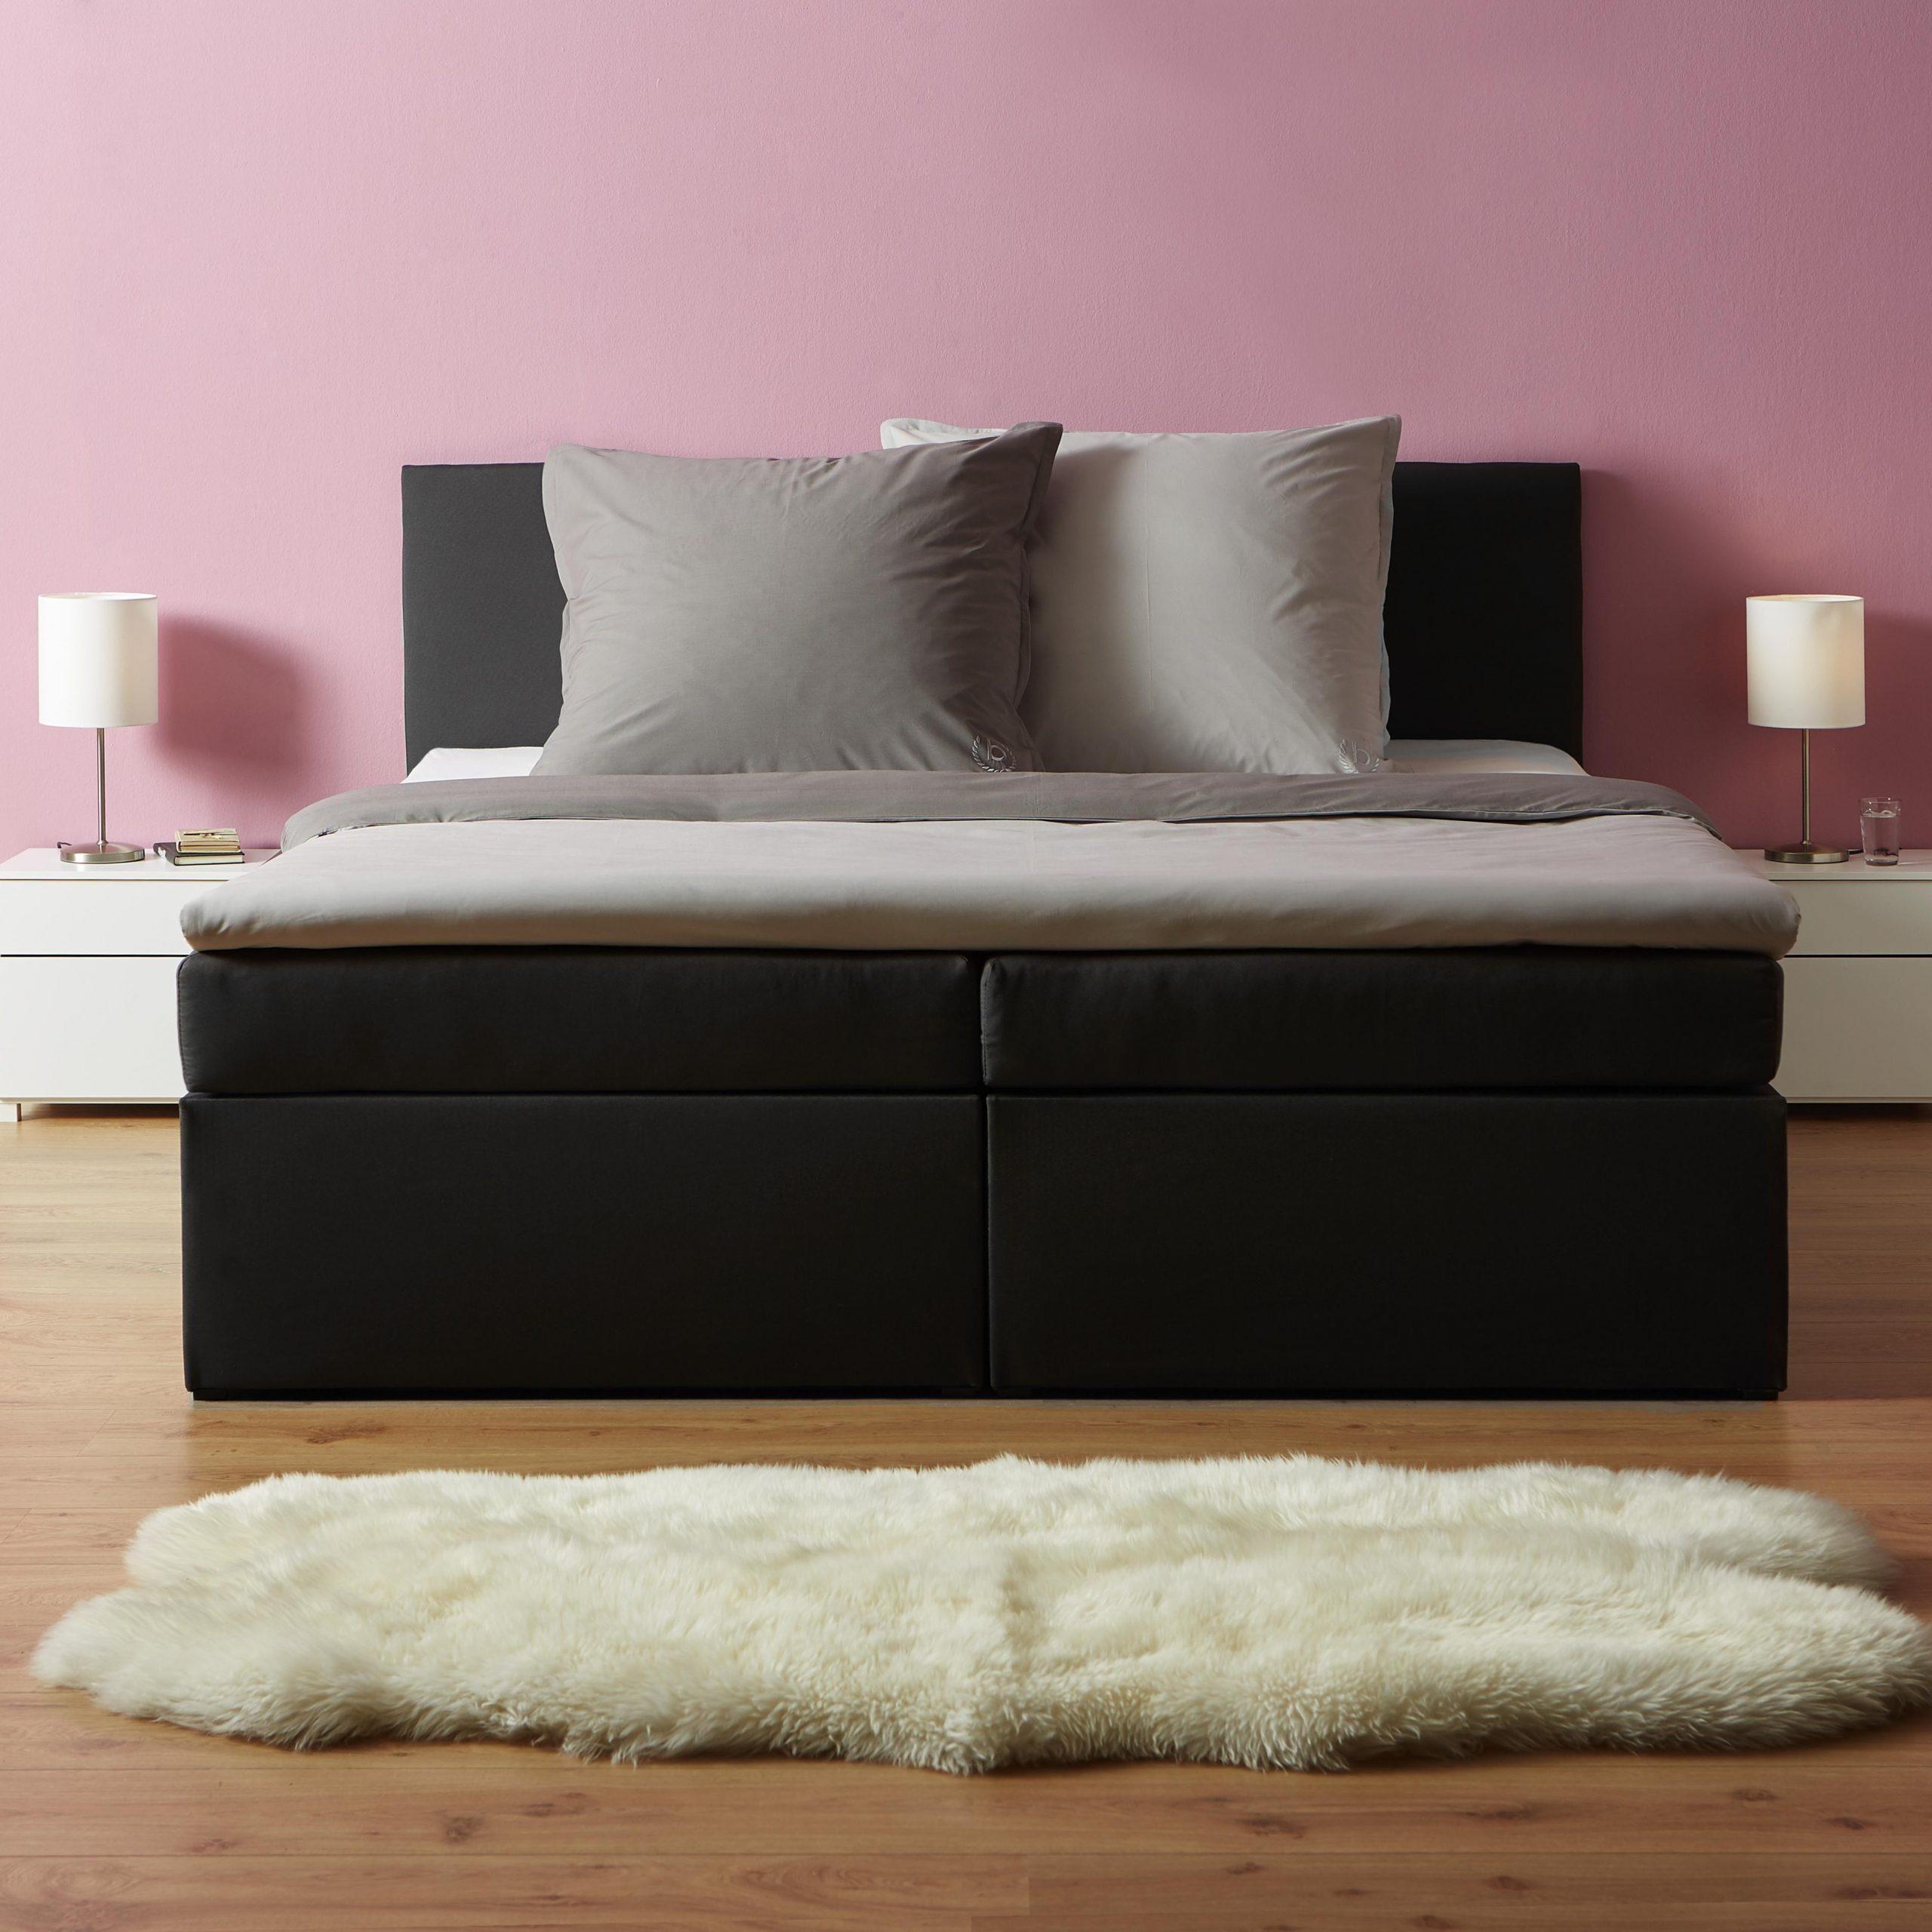 Full Size of Bett Mit Aufbewahrung Betten Entdecken Mmax Badewanne Bette Regal Schreibtisch Stauraum Massivholz Niedrig Unterbett Gepolstertem Kopfteil 140x200 Schubladen Bett Bett Mit Aufbewahrung